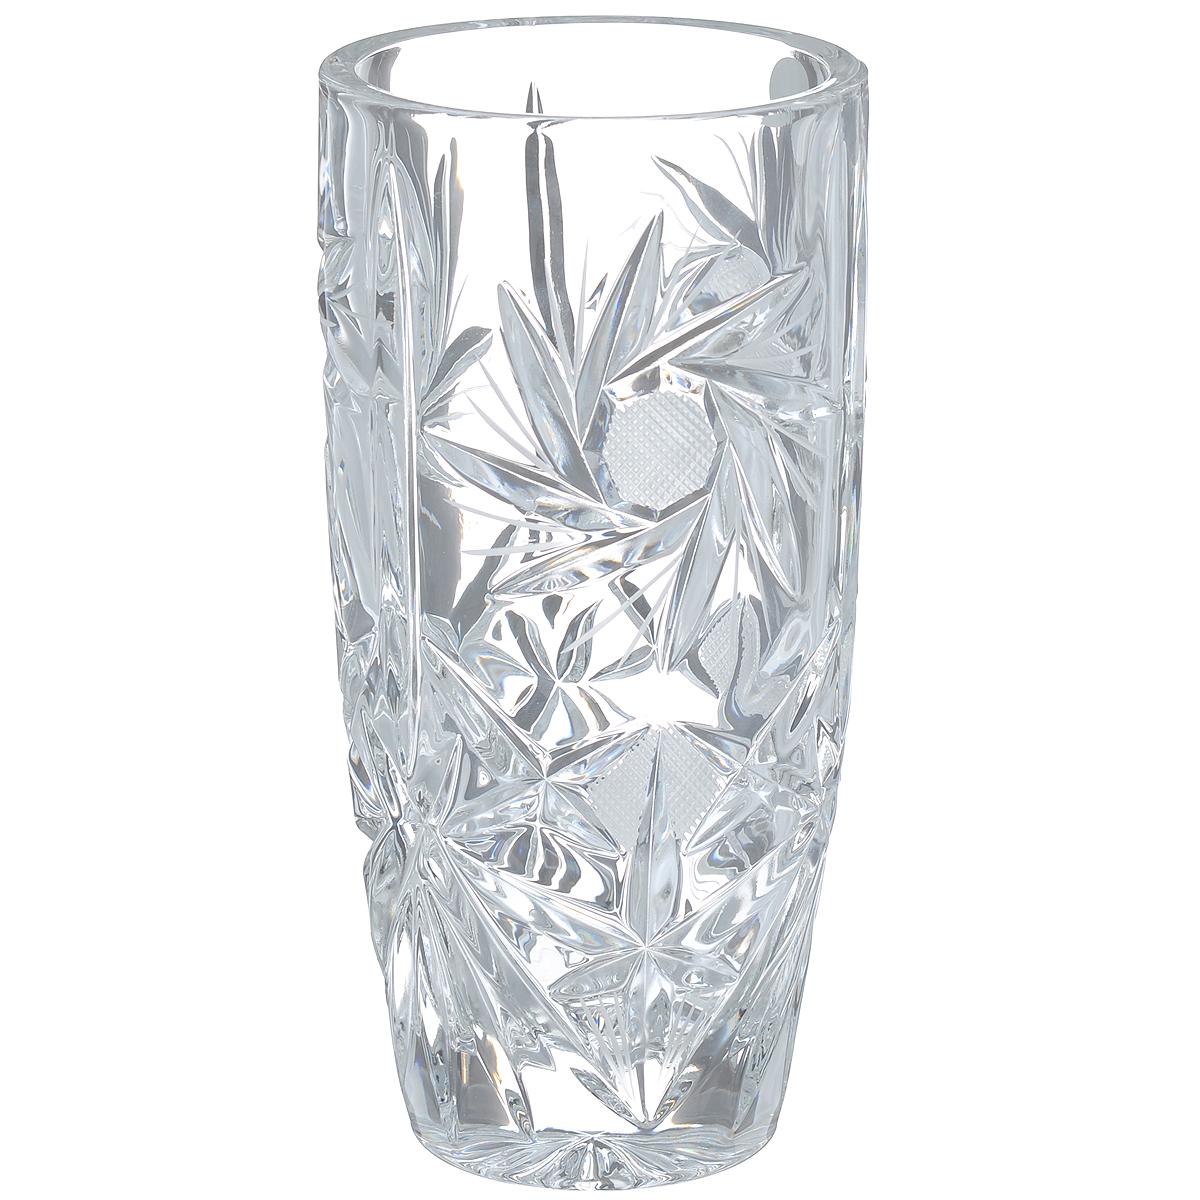 Ваза Crystal Bohemia, высота 20,5 смFS-91909Изящная ваза Crystal Bohemia изготовлена из хрусталя. Ваза оформленакрасивым рельефным рисунком, что делает ее изящным украшениеминтерьера.Ваза Crystal Bohemia дополнит интерьер офиса или дома и станет желанным истильнымподарком. Высота вазы: 20,5 см.Диаметр вазы (по верхнему краю): 9,5 см.